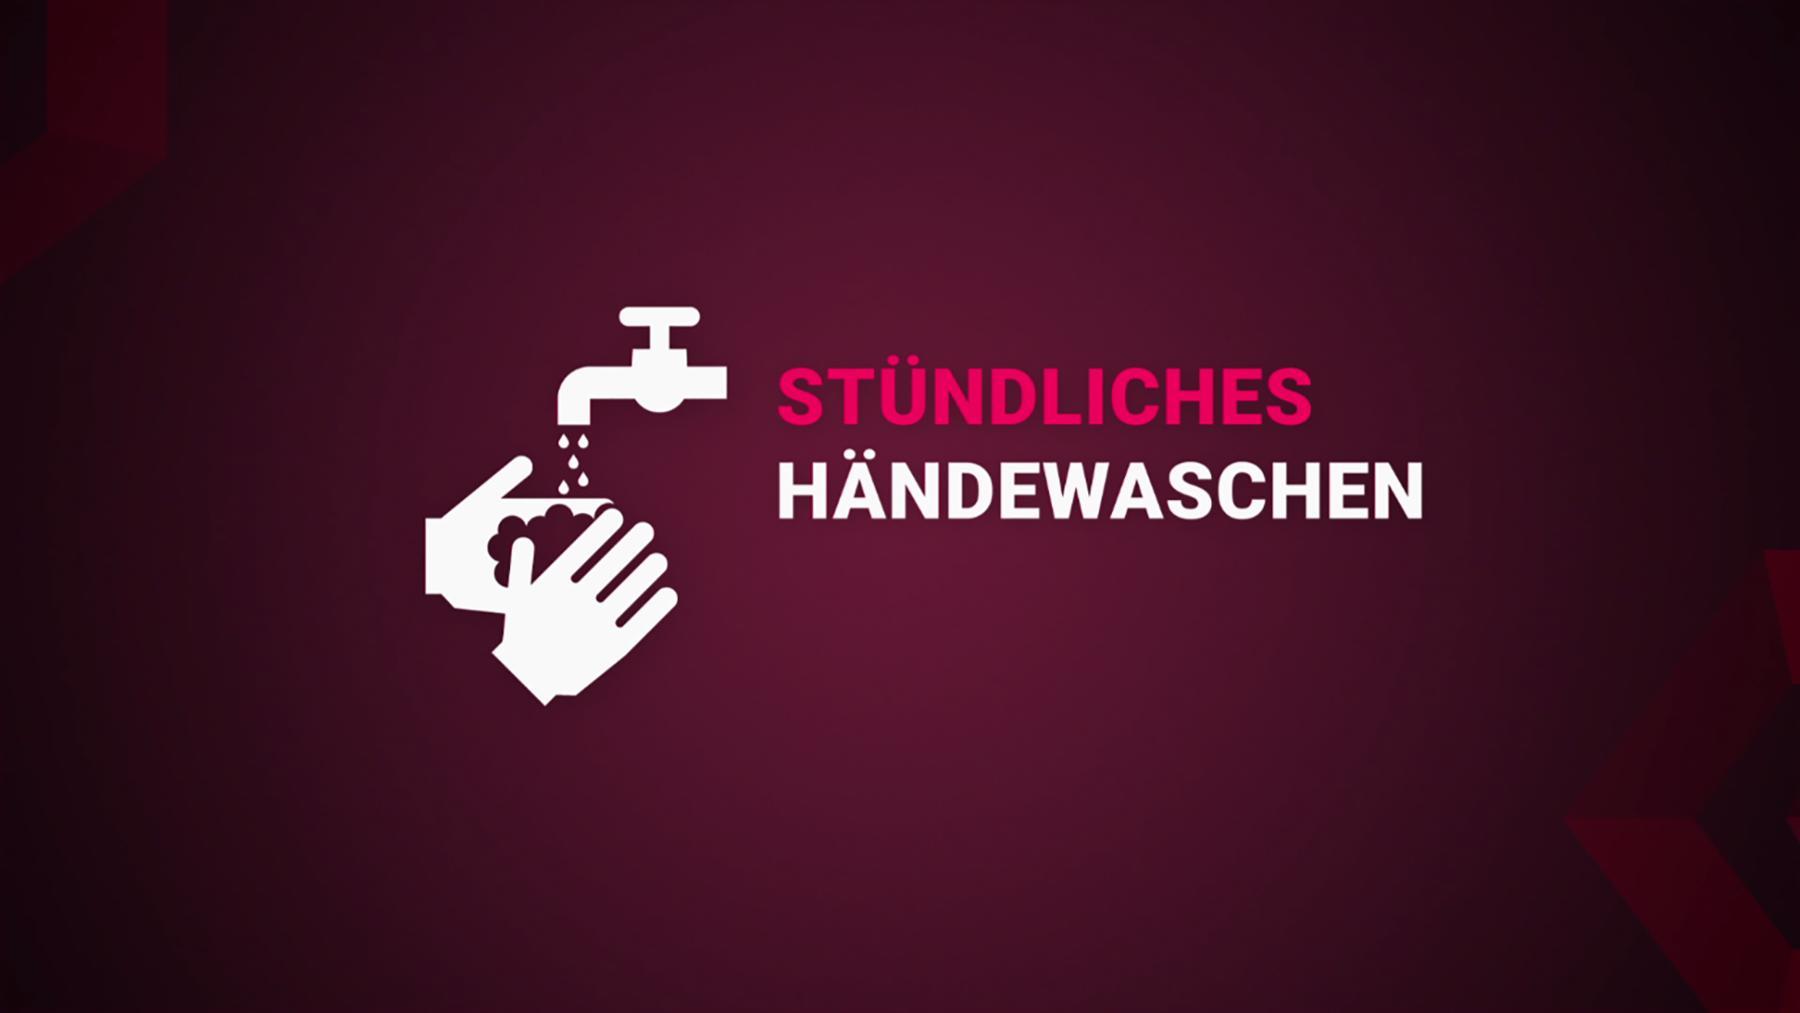 Stündliches Händewaschen